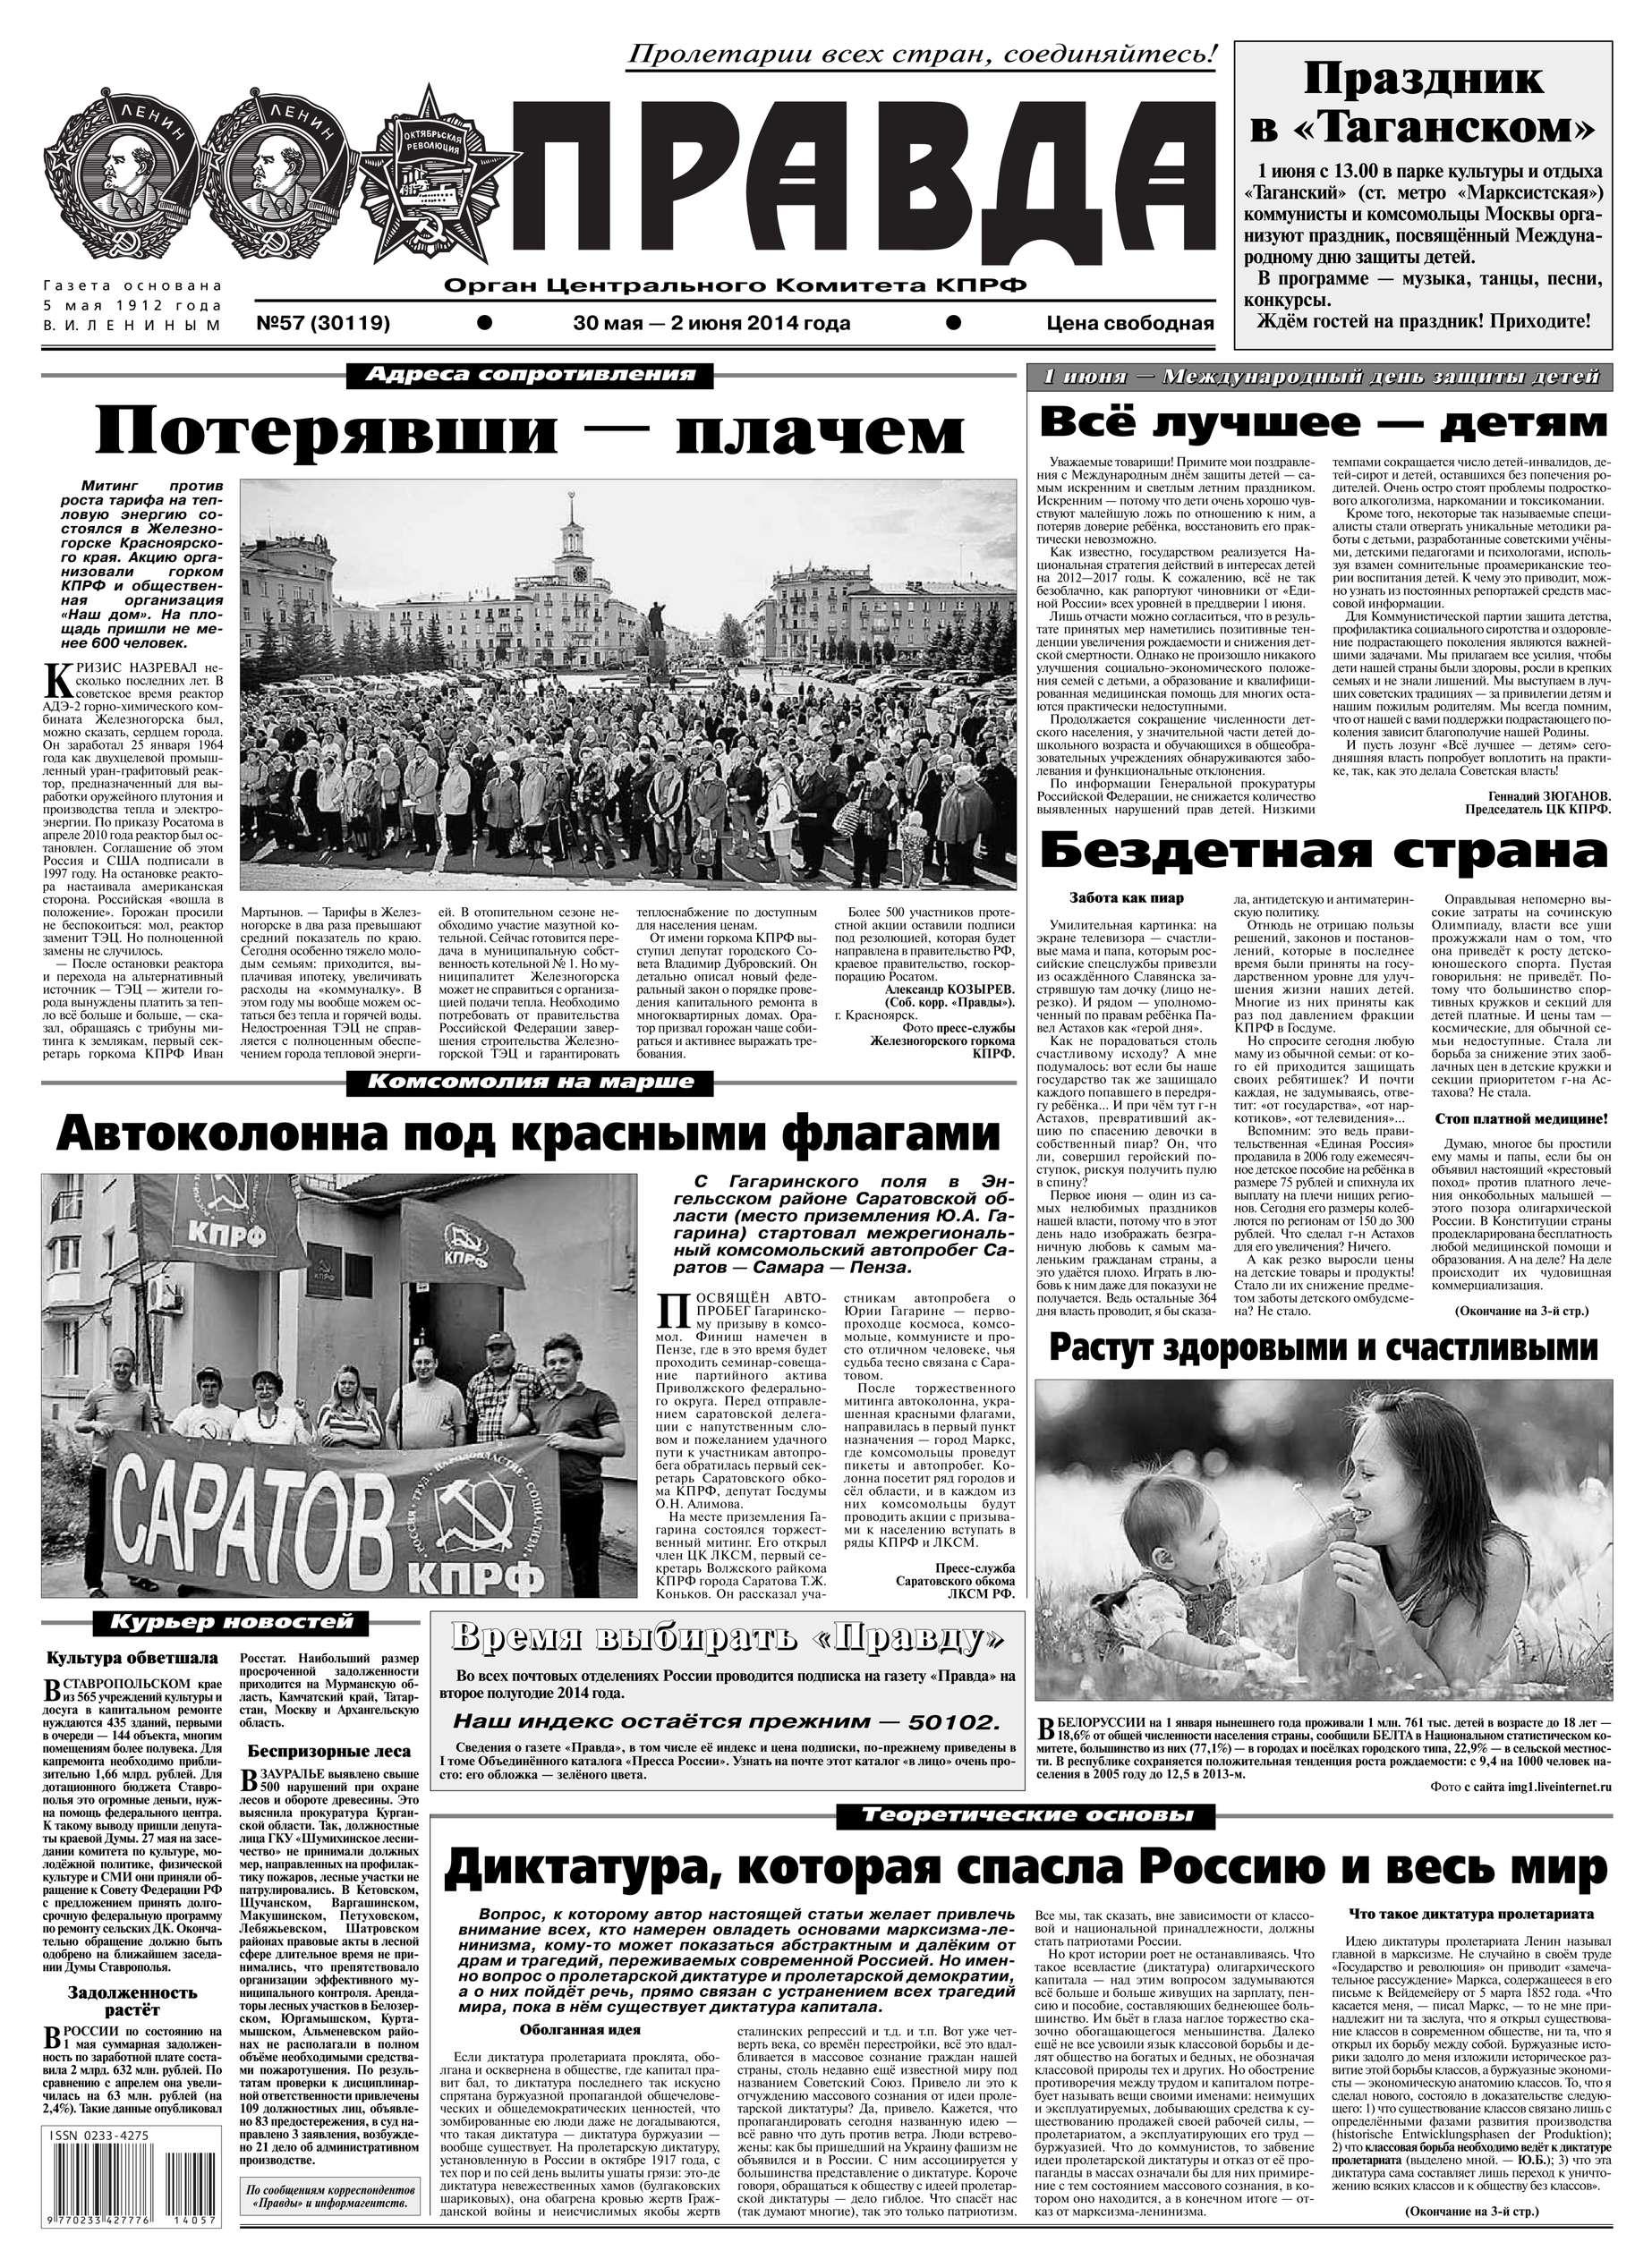 Редакция газеты Правда Правда 57 редакция газеты правда правда 69 2017